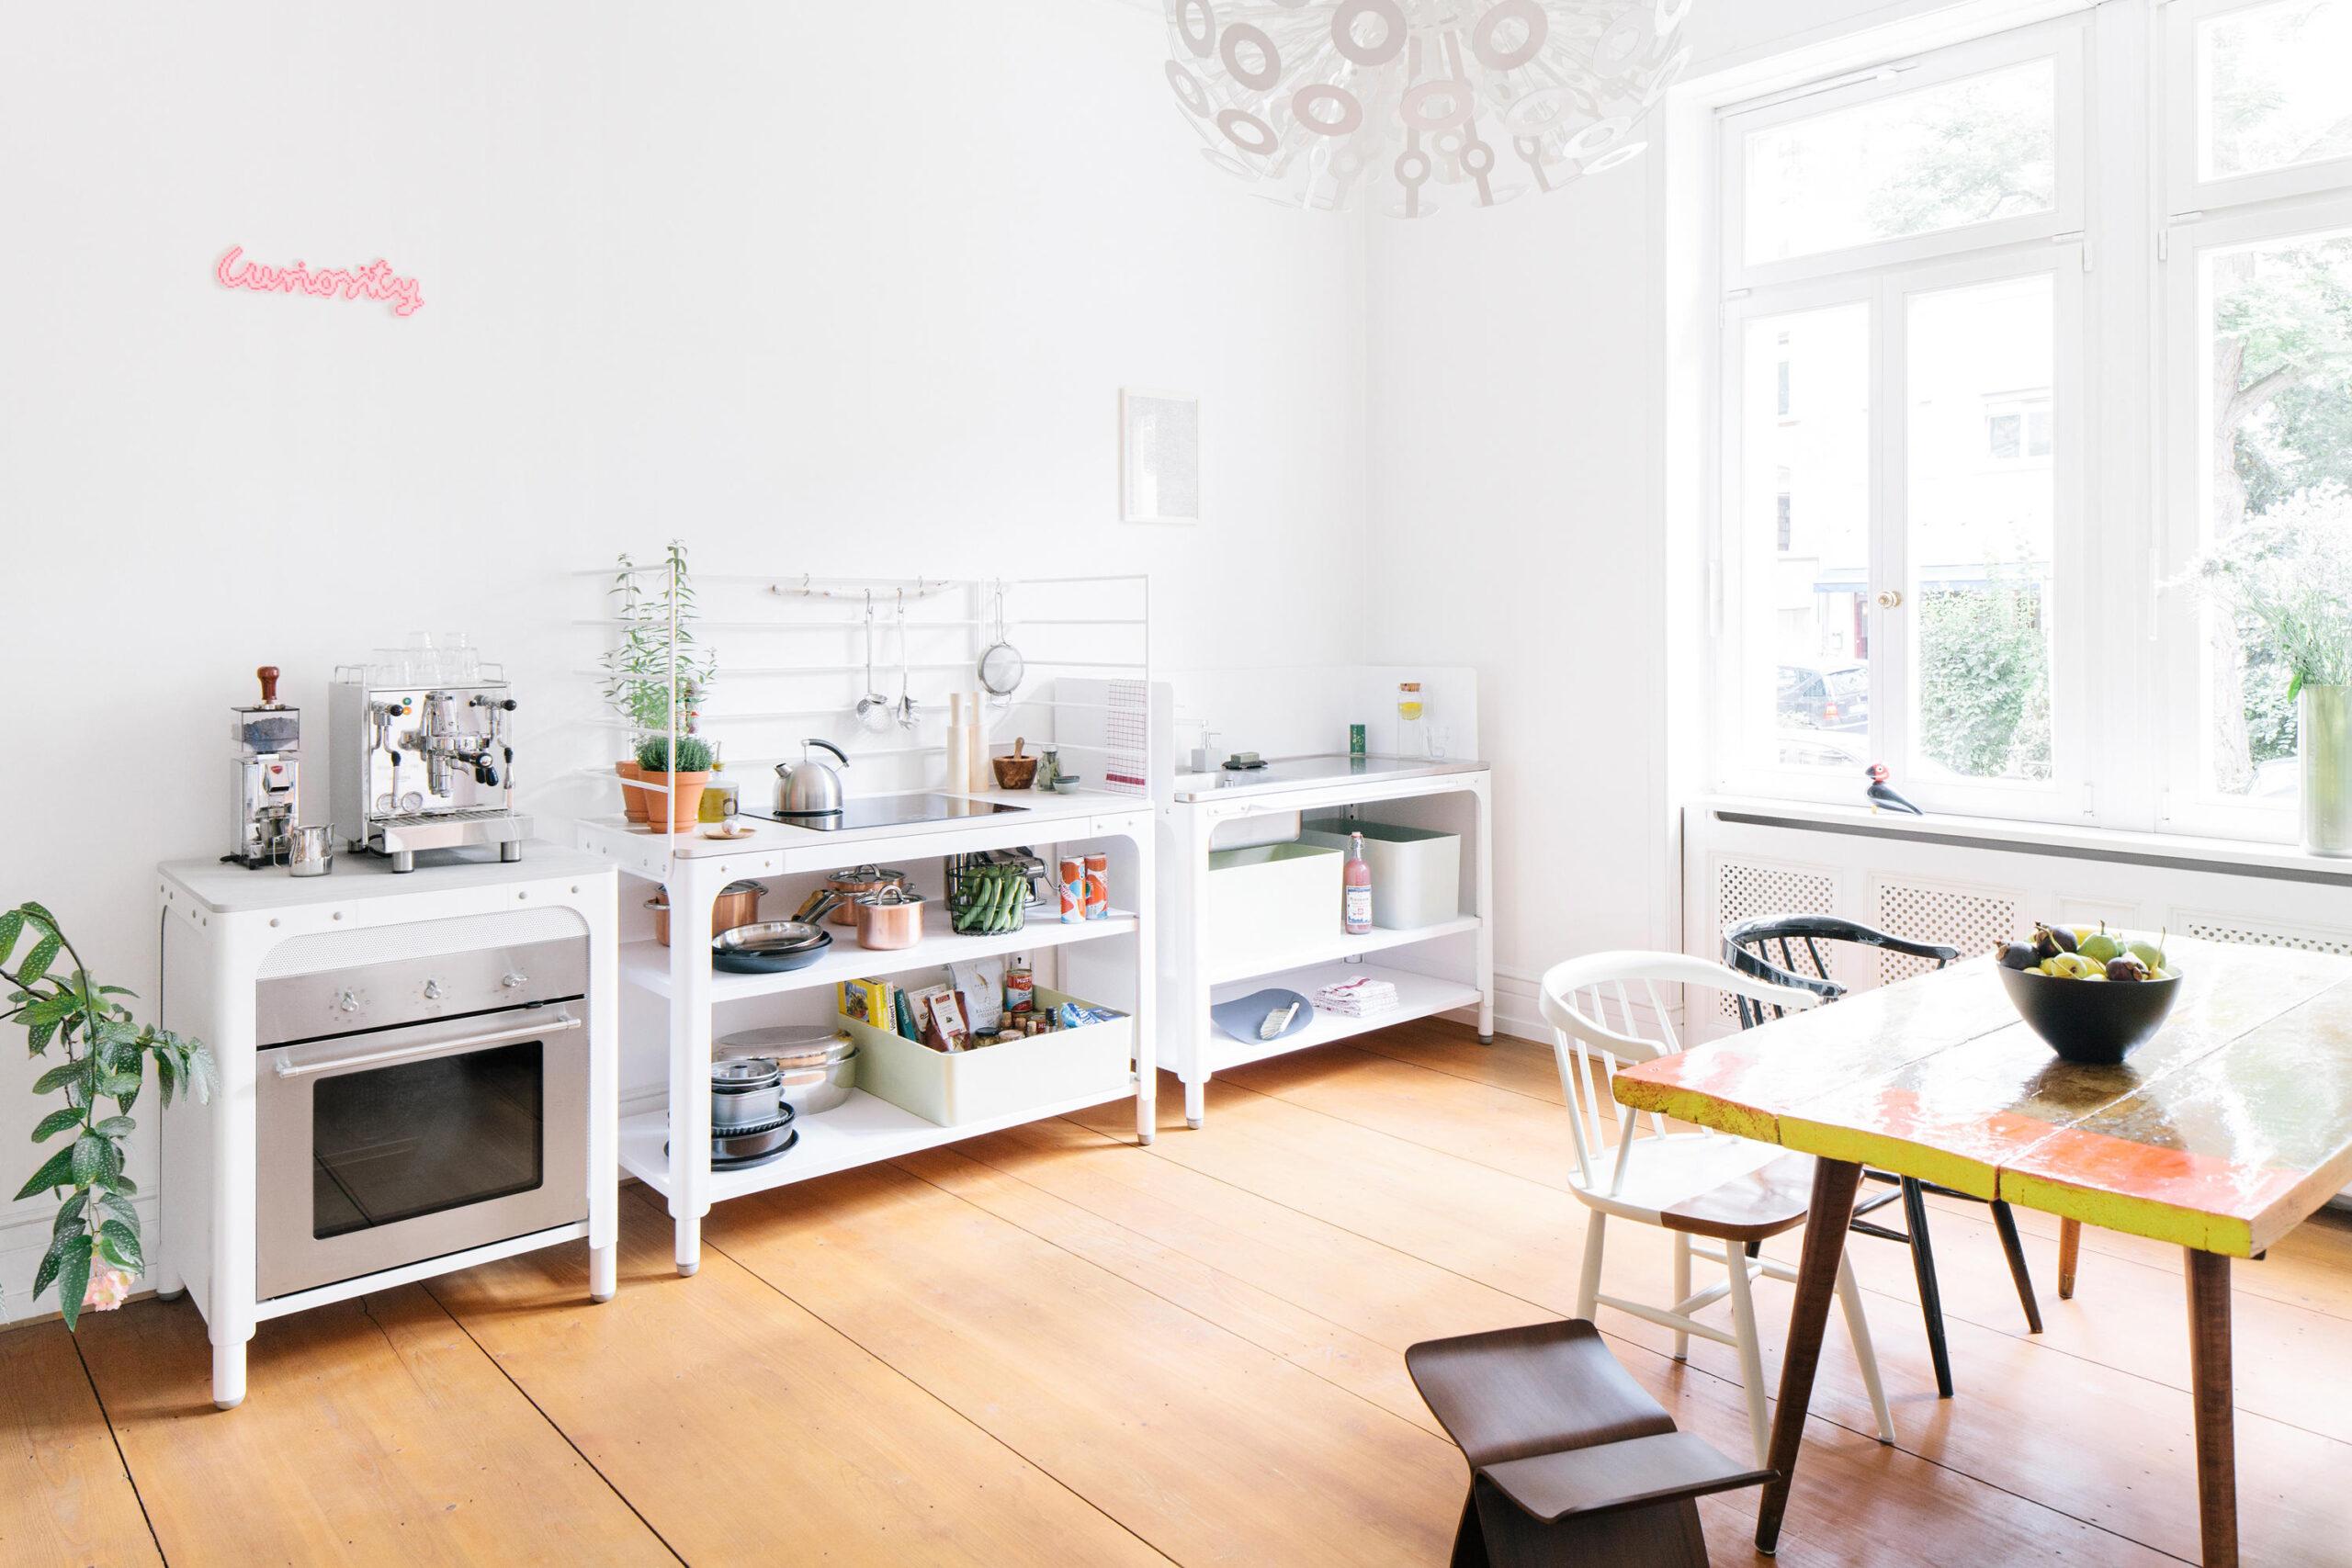 Full Size of Concept Kitchen Designermbel Architonic Küche Eiche Hell Hochglanz Weiss Kaufen Ikea Landhausstil Holzküche Obi Einbauküche Billig Arbeitsschuhe Fototapete Wohnzimmer Rollwagen Küche Schmal